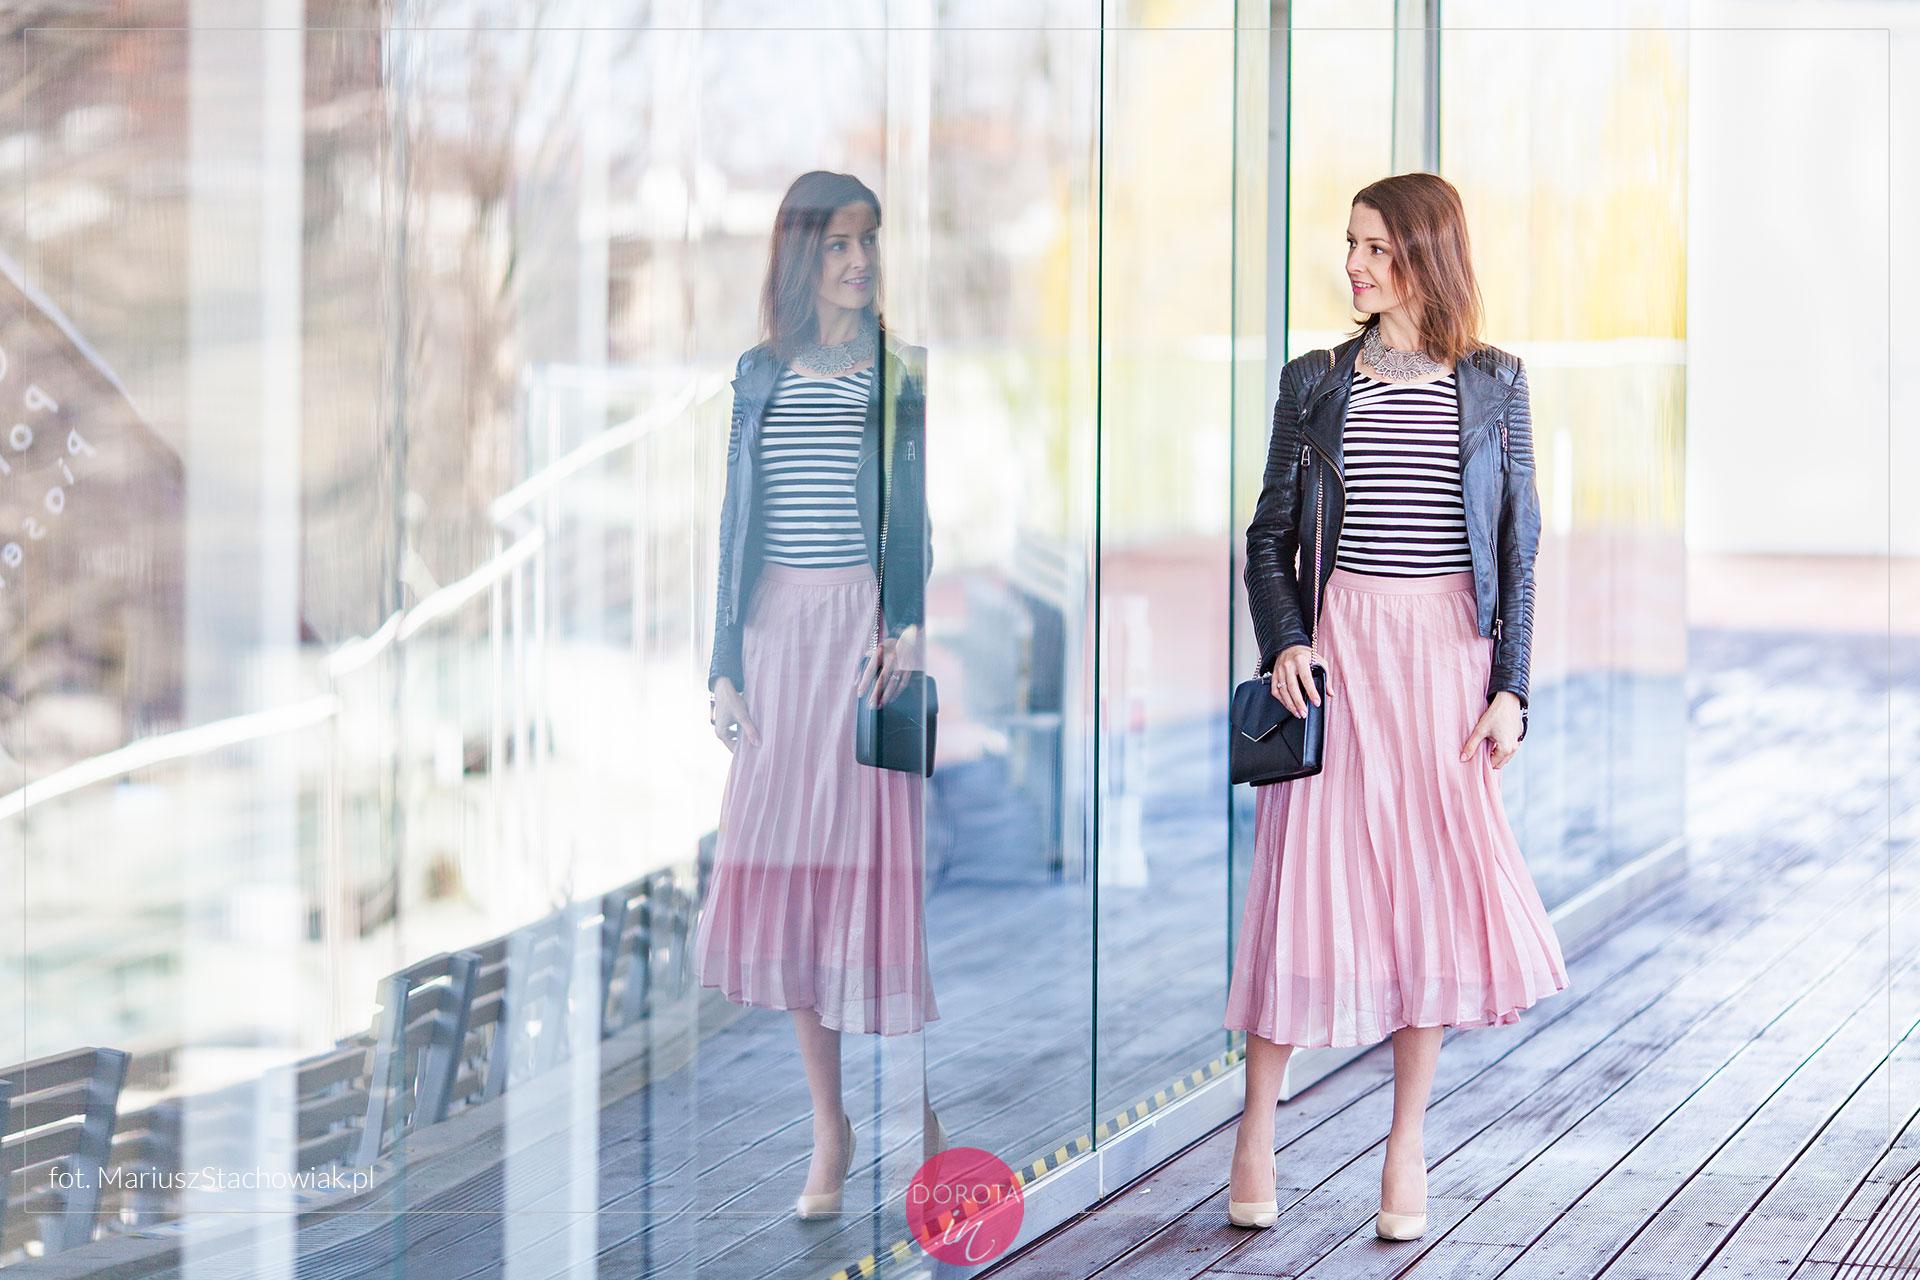 Bluzka w paski i różowa spódnica plisowana - stylizacja